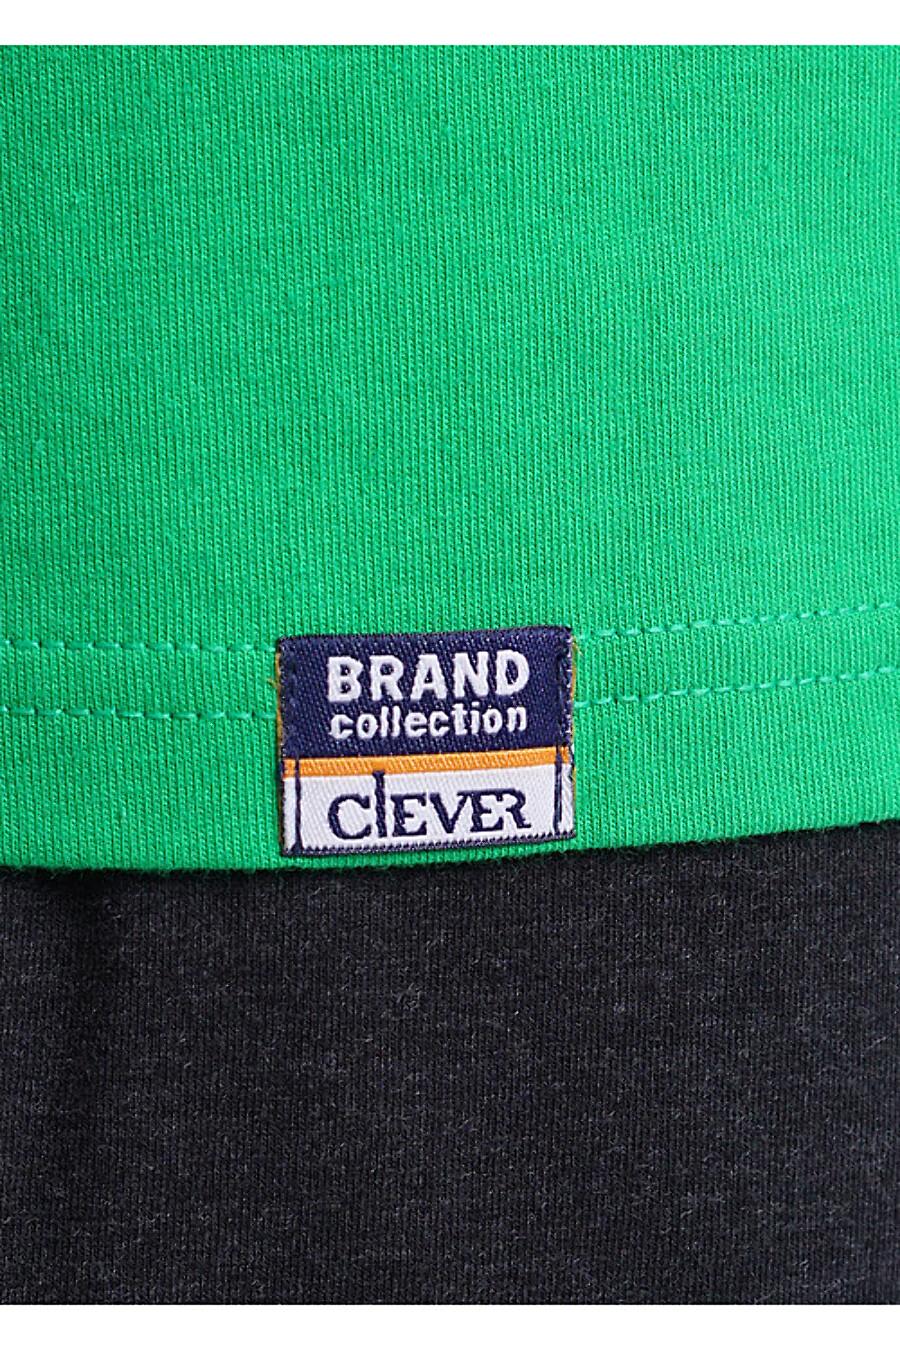 Комплект для мужчин CLEVER 155353 купить оптом от производителя. Совместная покупка мужской одежды в OptMoyo